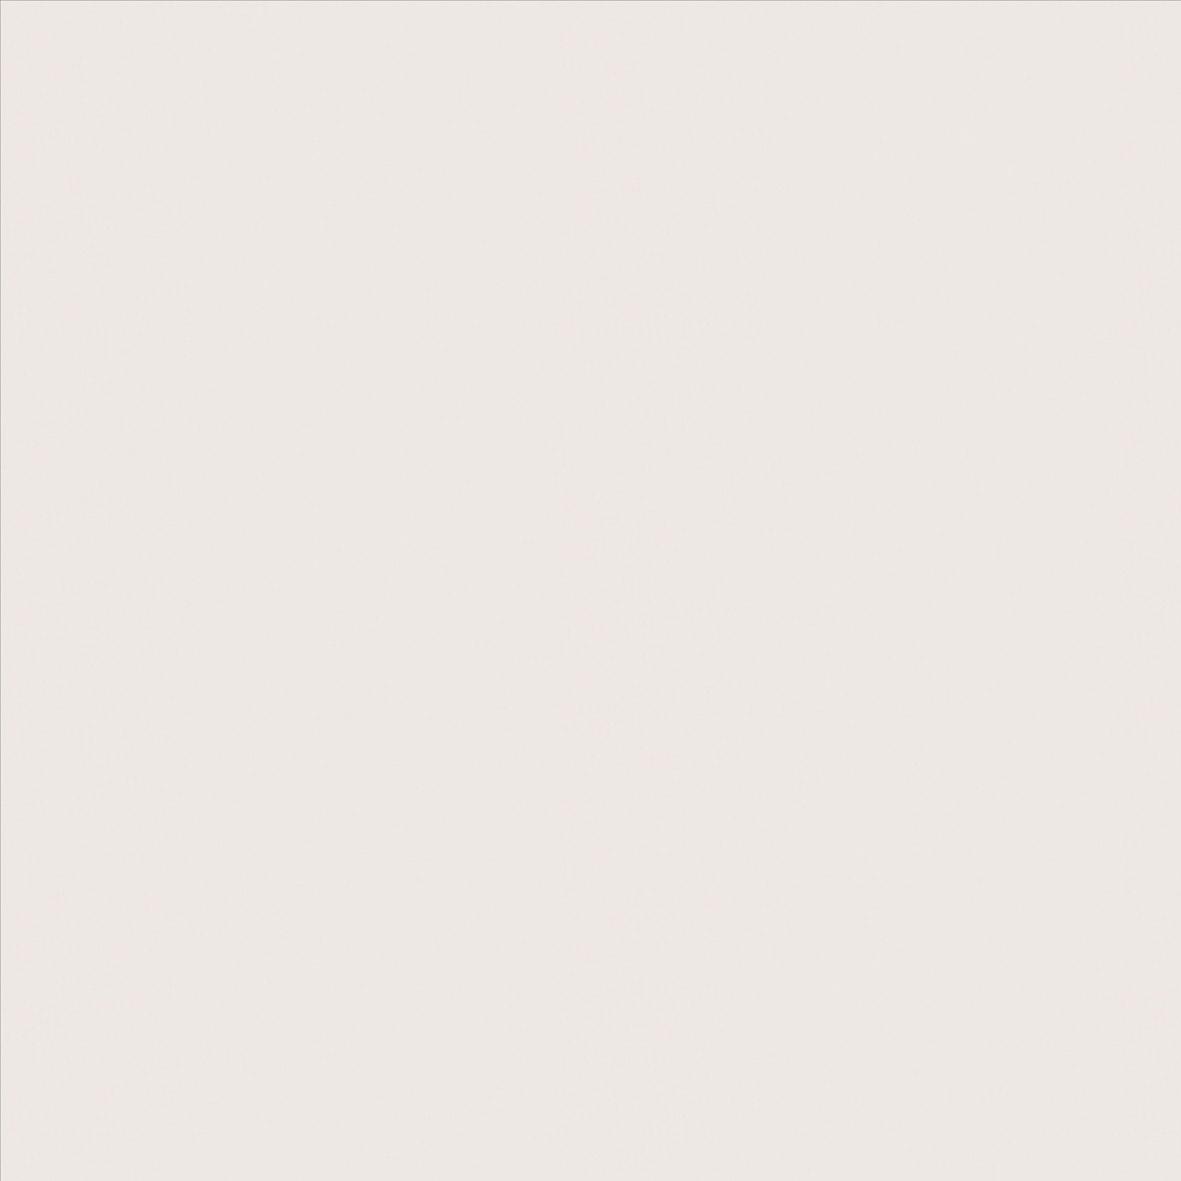 Roller_Swatch_Banlight_FR_White_RE0281